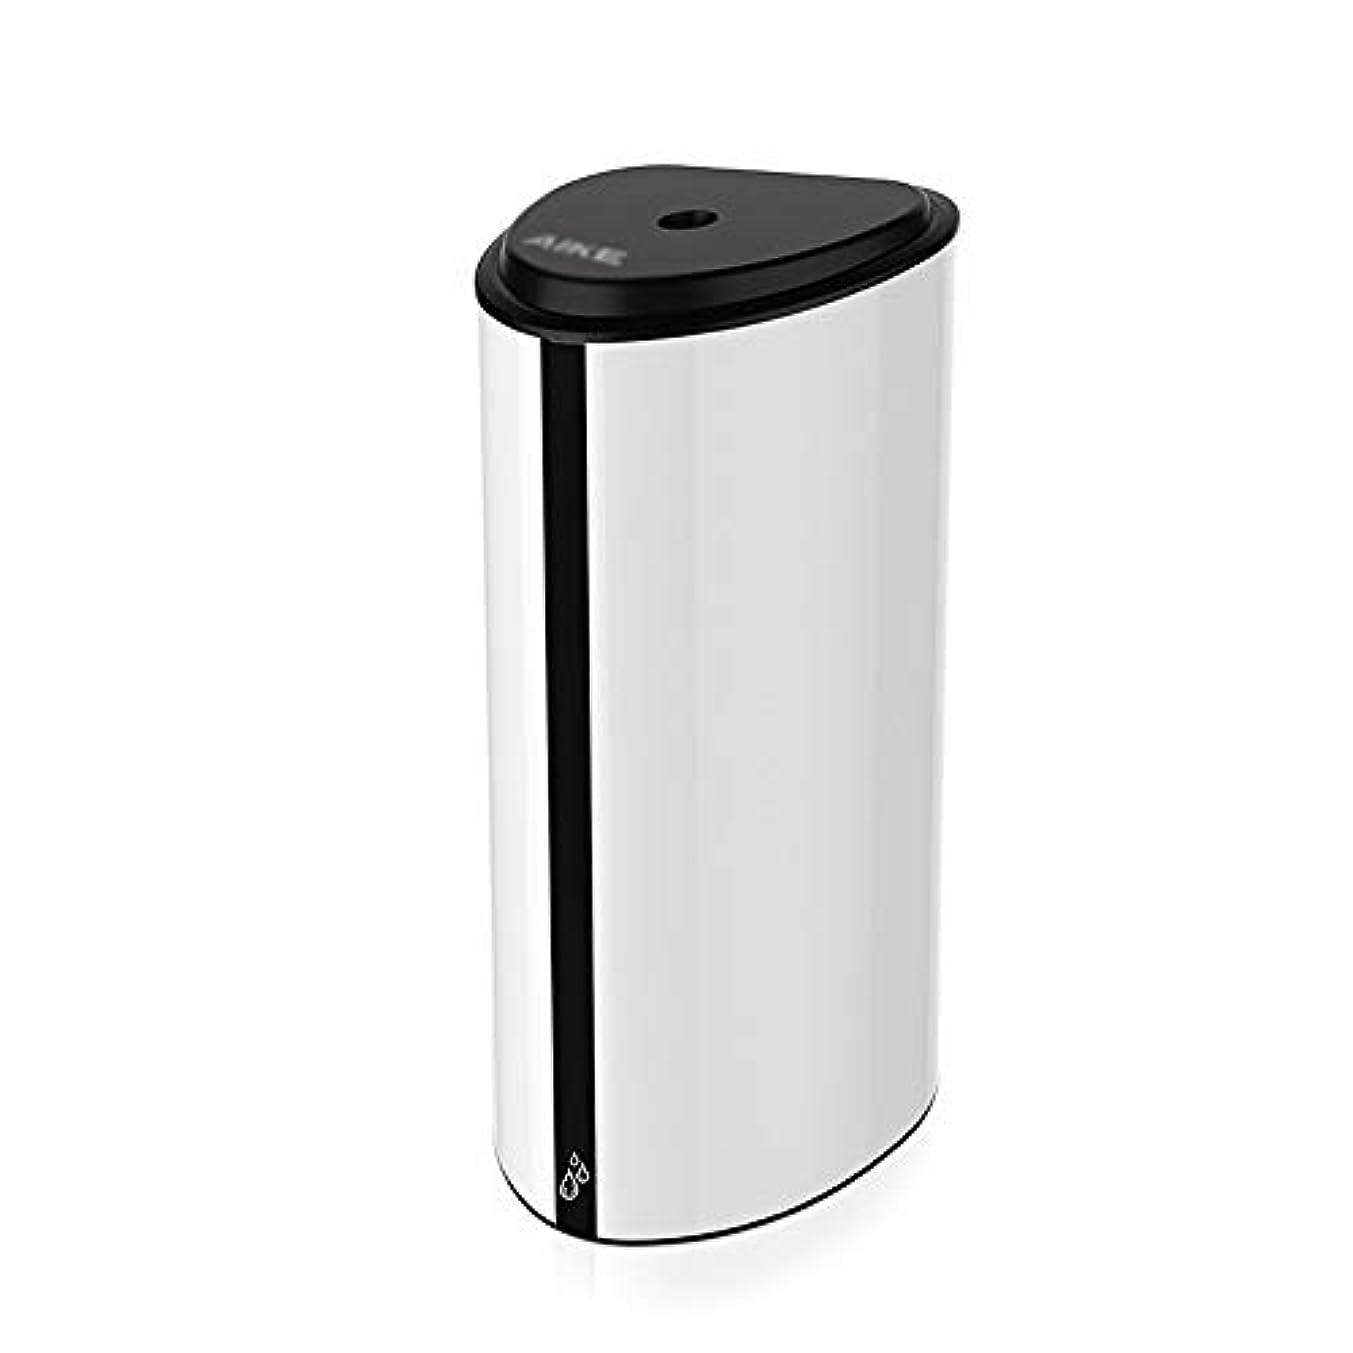 ラバ中で国歌ソープディスペンサー 800ミリリットル容量の自動ソープディスペンサーは、タッチレスバッテリーは、ハンズフリーソープディスペンサーを運営しました ハンドソープ 食器用洗剤 キッチン 洗面所などに適用 (Color : White...